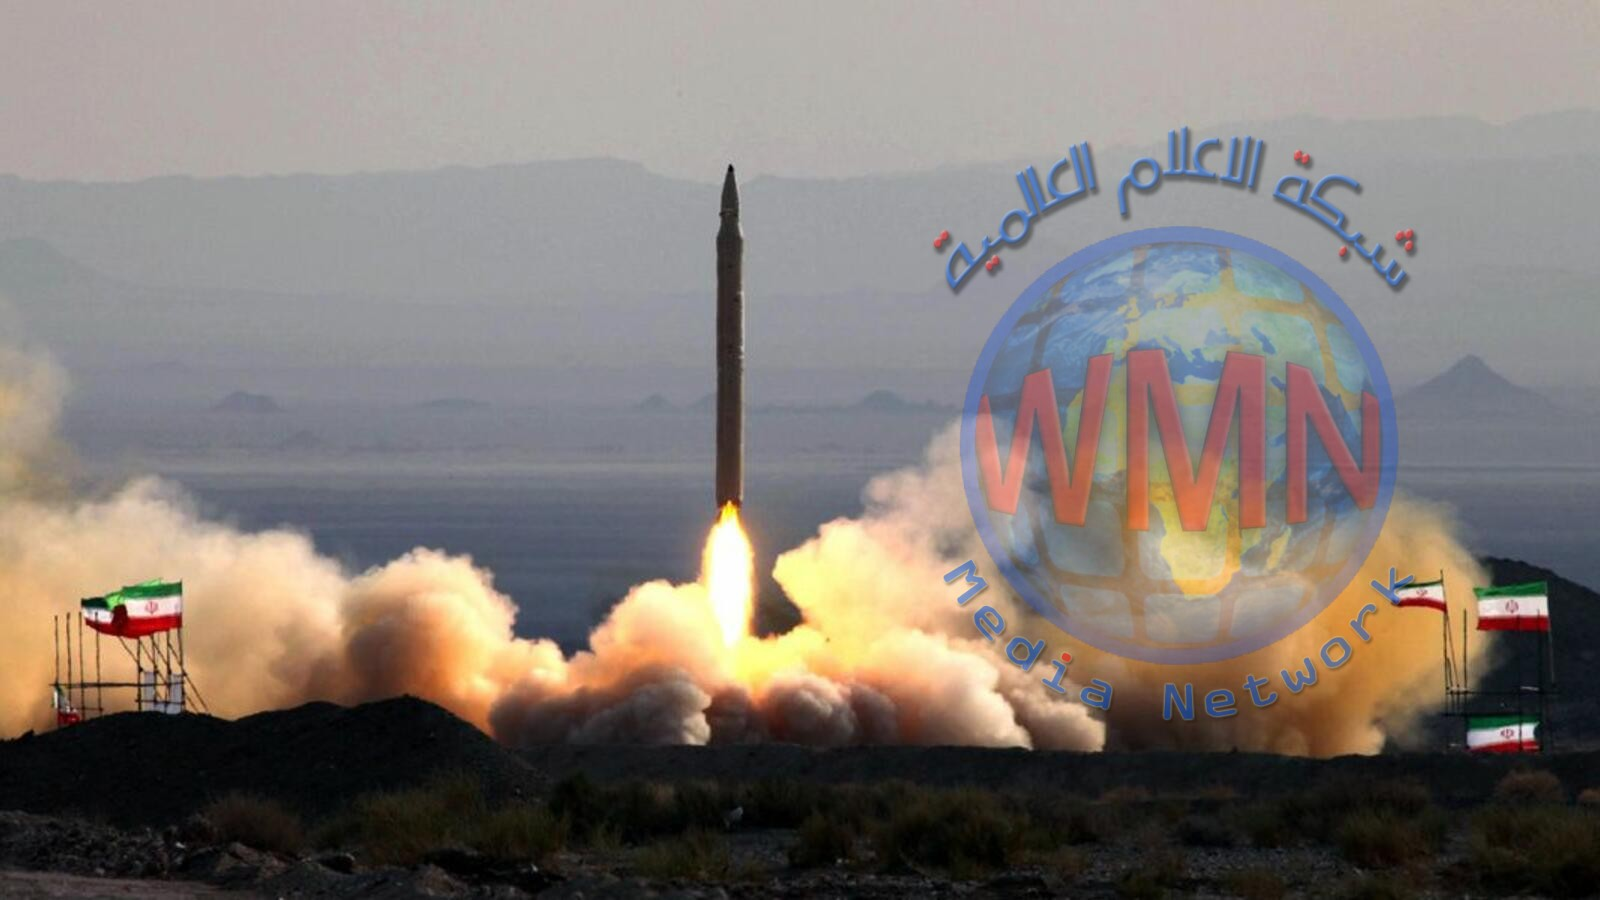 إيران: لن نسمح بالإعتداء على حدودنا.. وسنرد بقوة